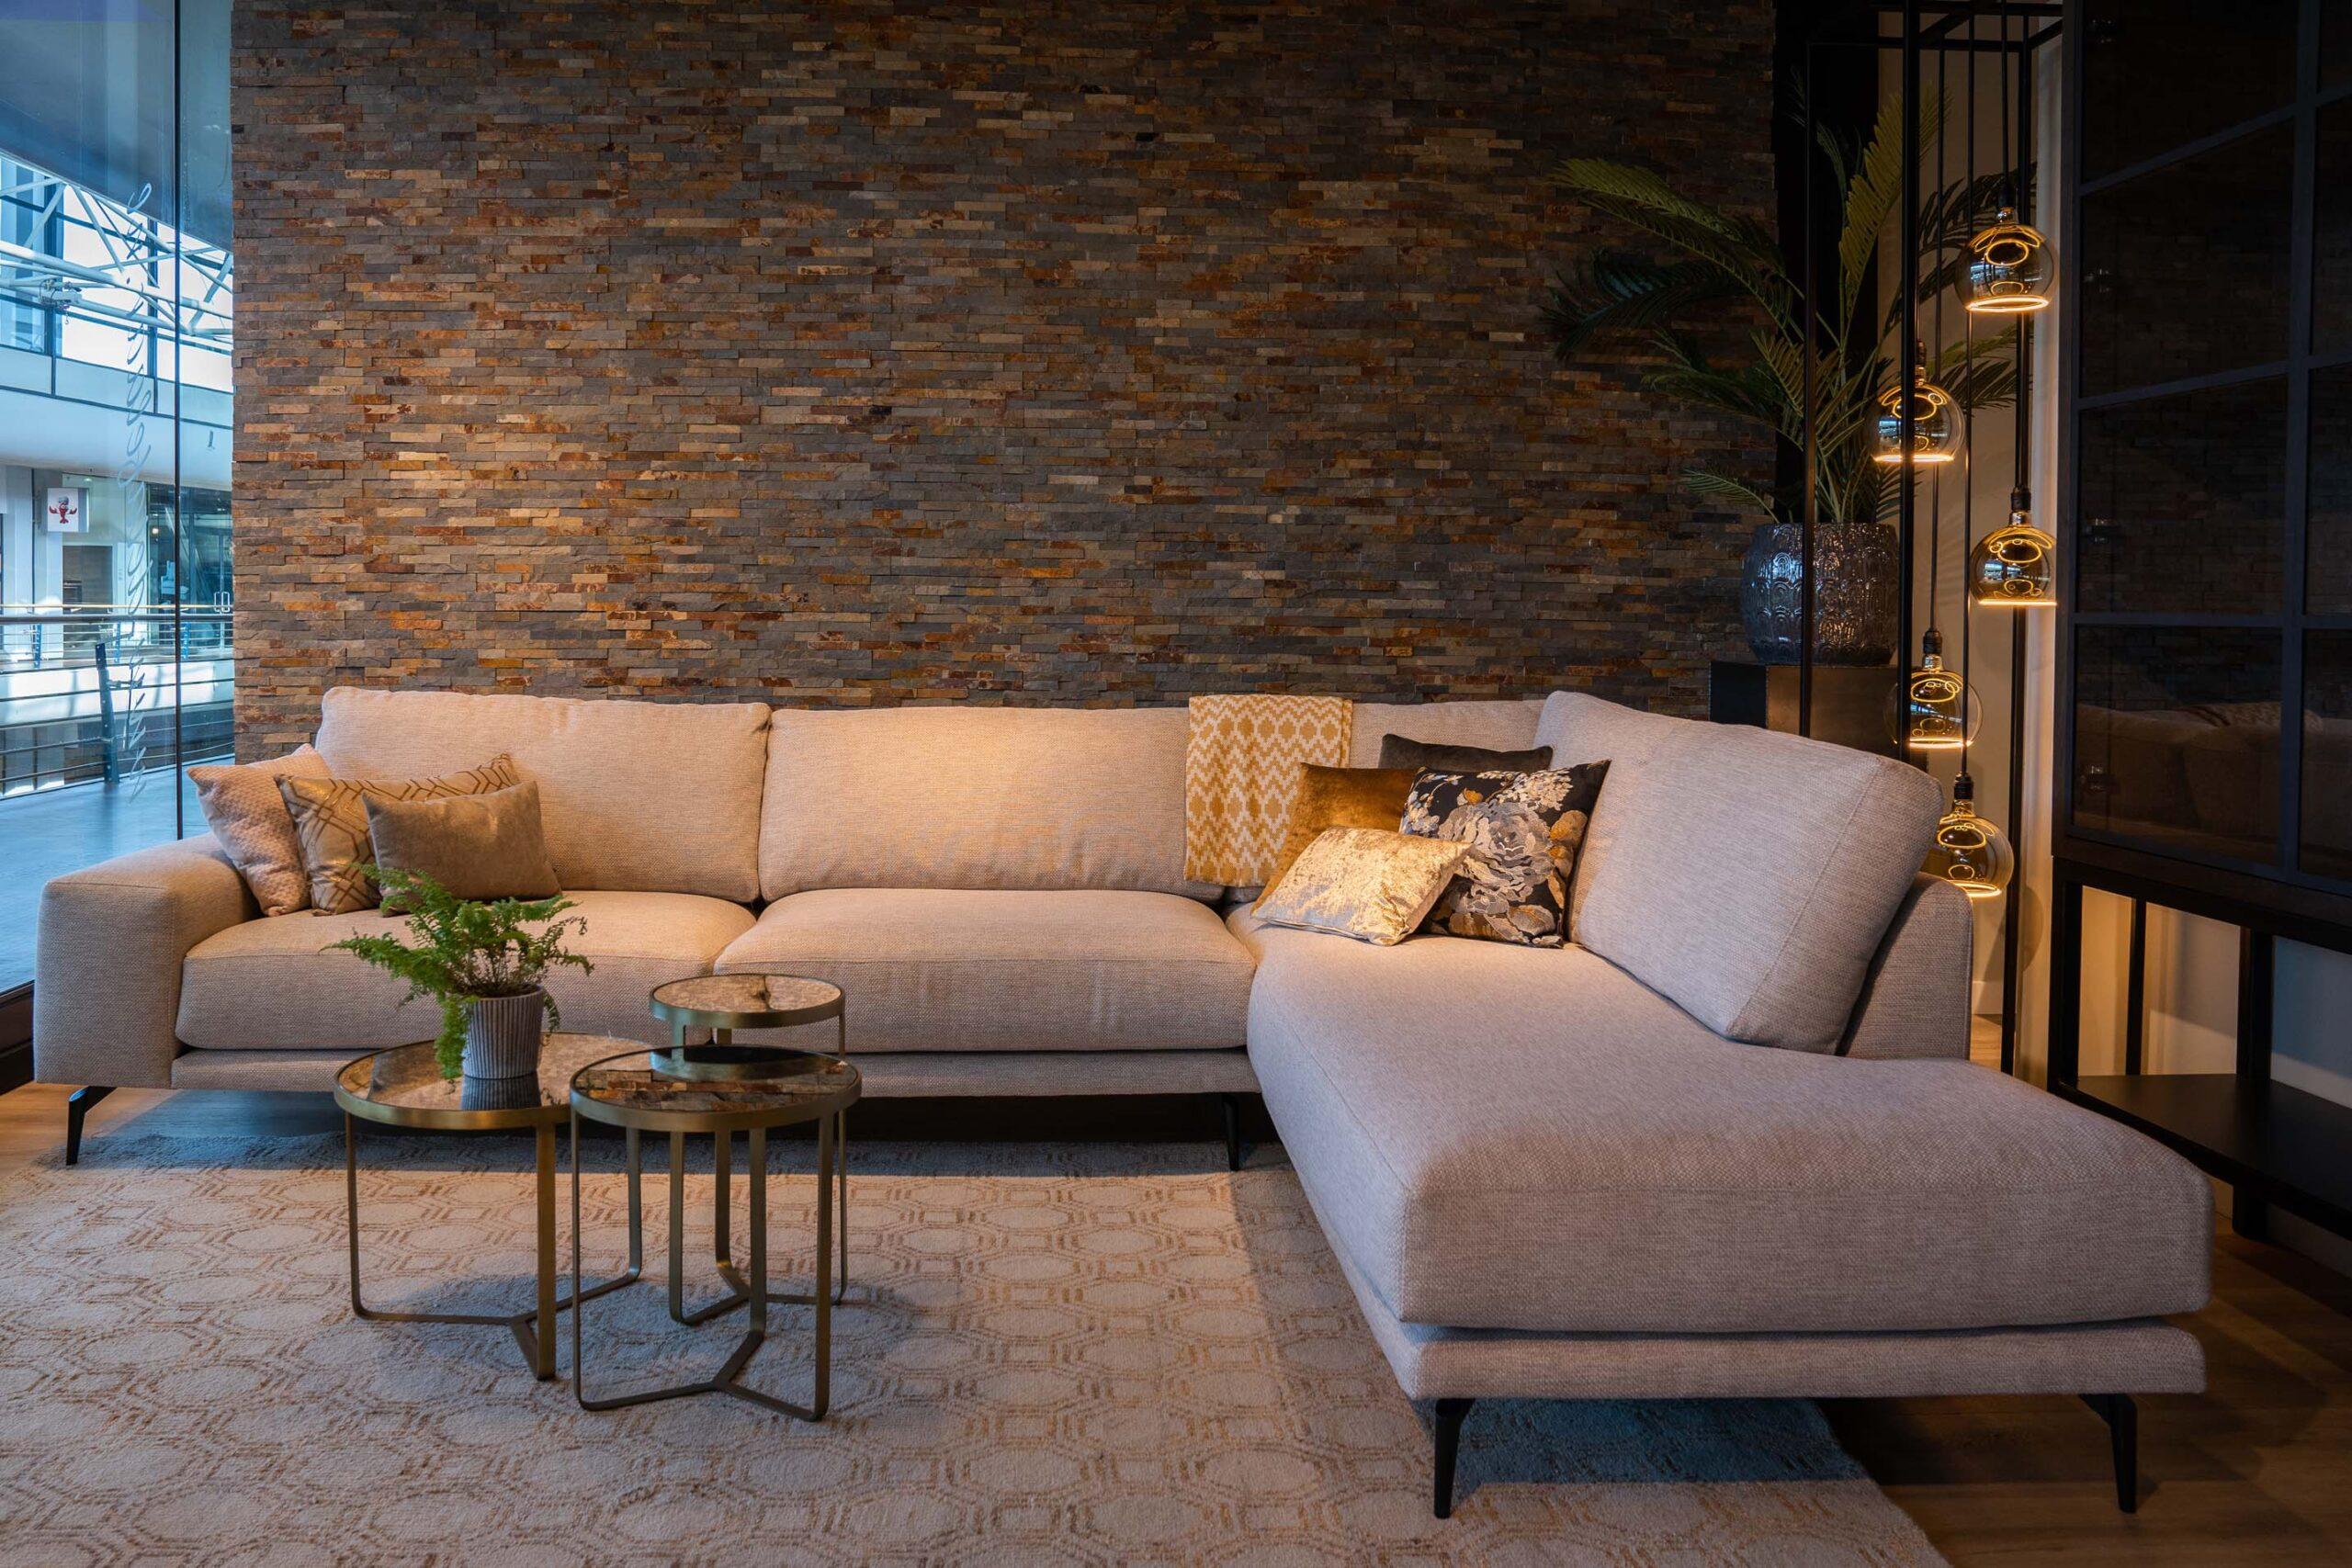 bella milano hoekbank ottoman element van het merk soofs interieur